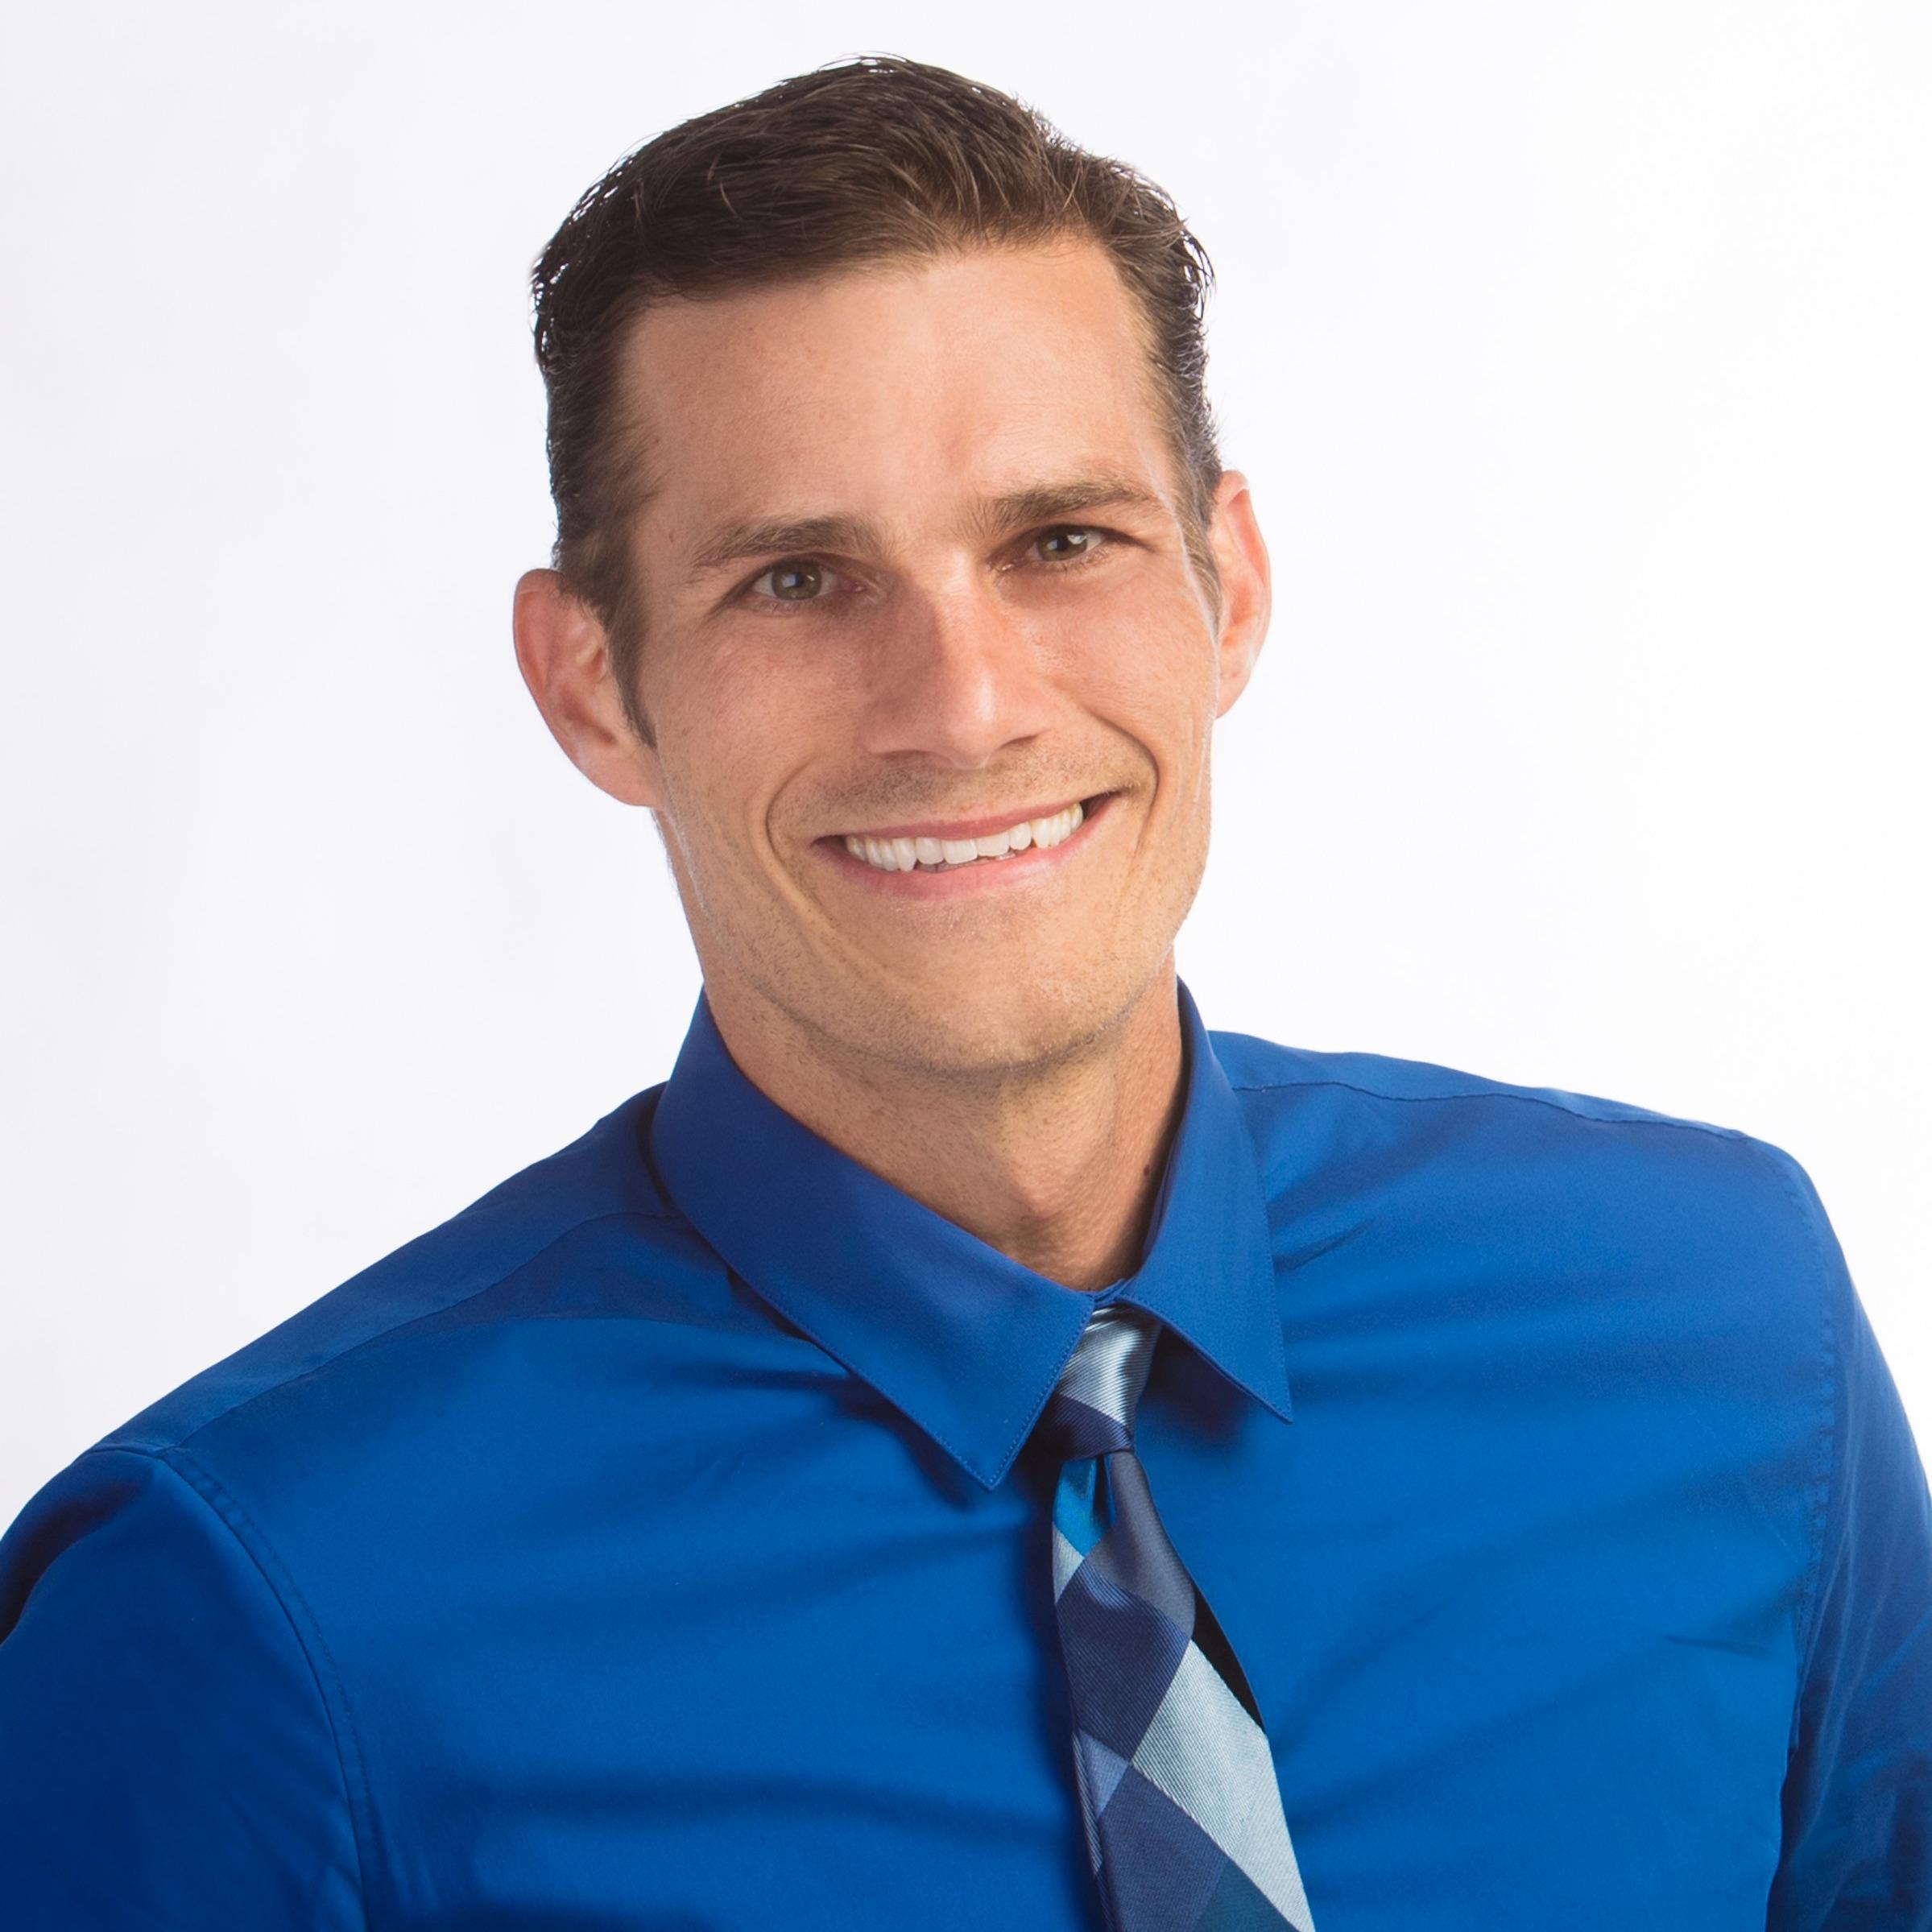 Nicholas C. Marongiu, DDS, , Dentist